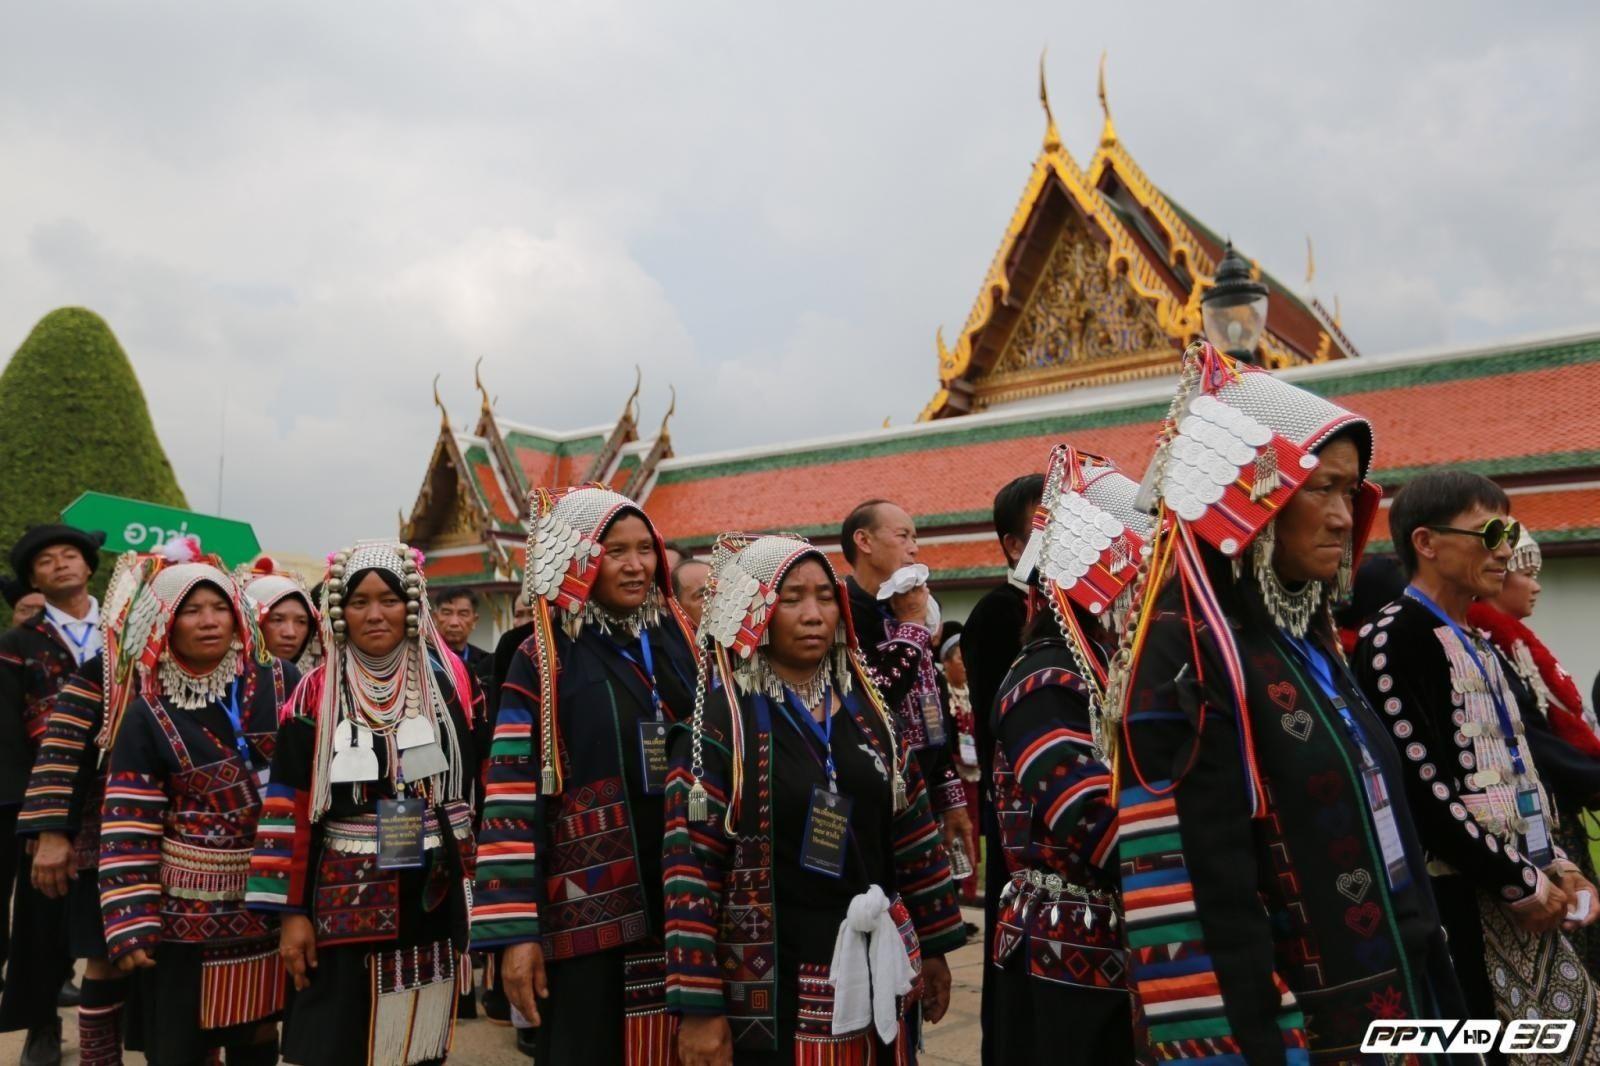 พสกนิกรชาวไทยภูเขา    เข้าถวายสักการะพระบรมศพ ในหลวงรัชการที่ ๙